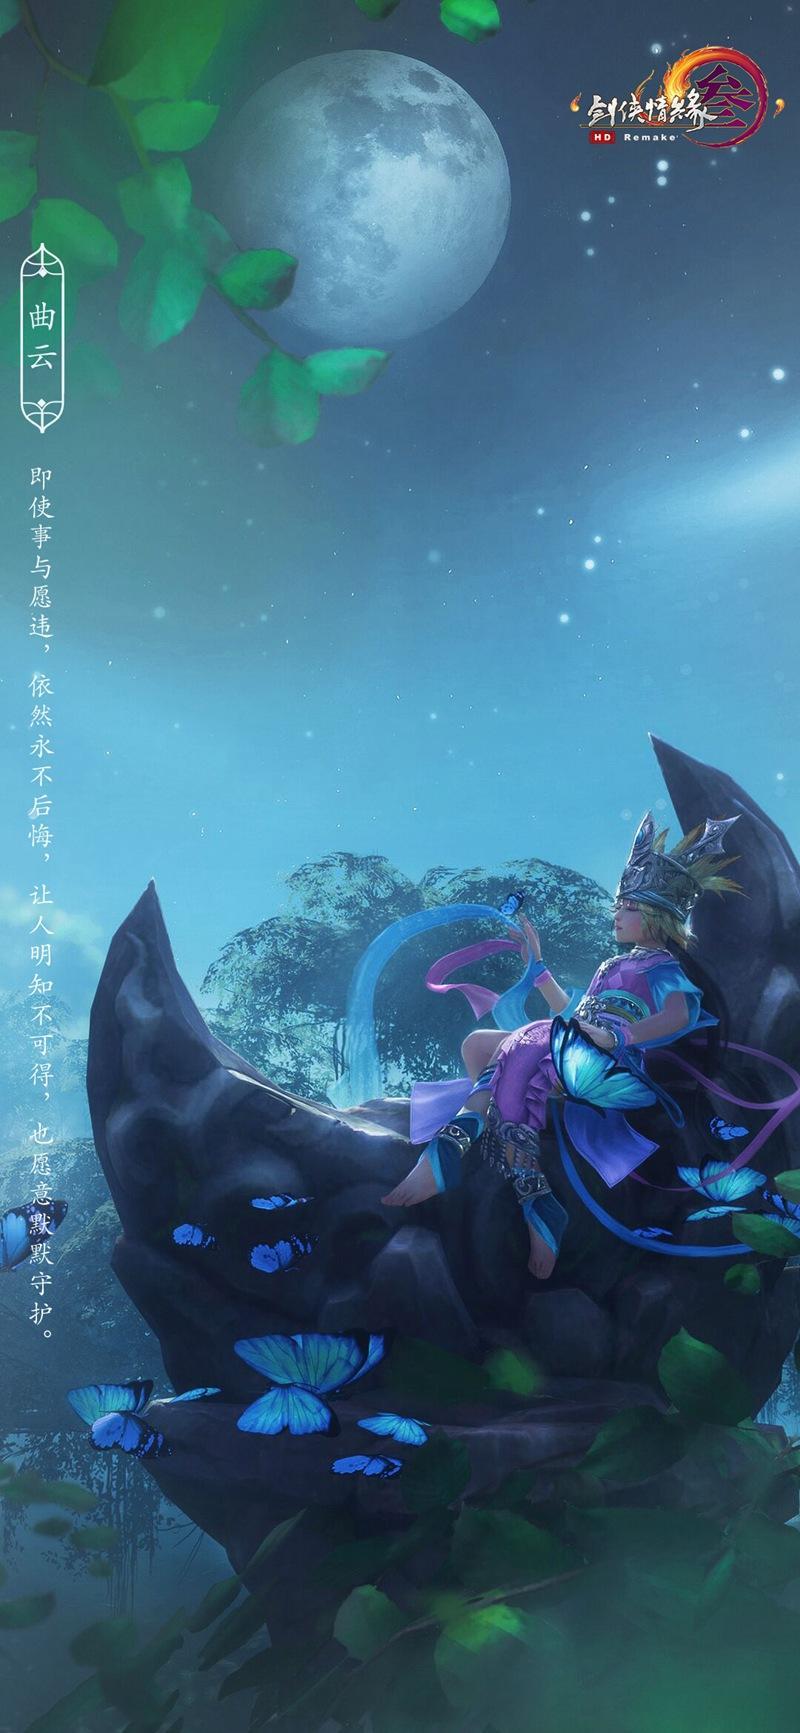 12女侠现身说法 《剑网3》神秘活动传递正能量